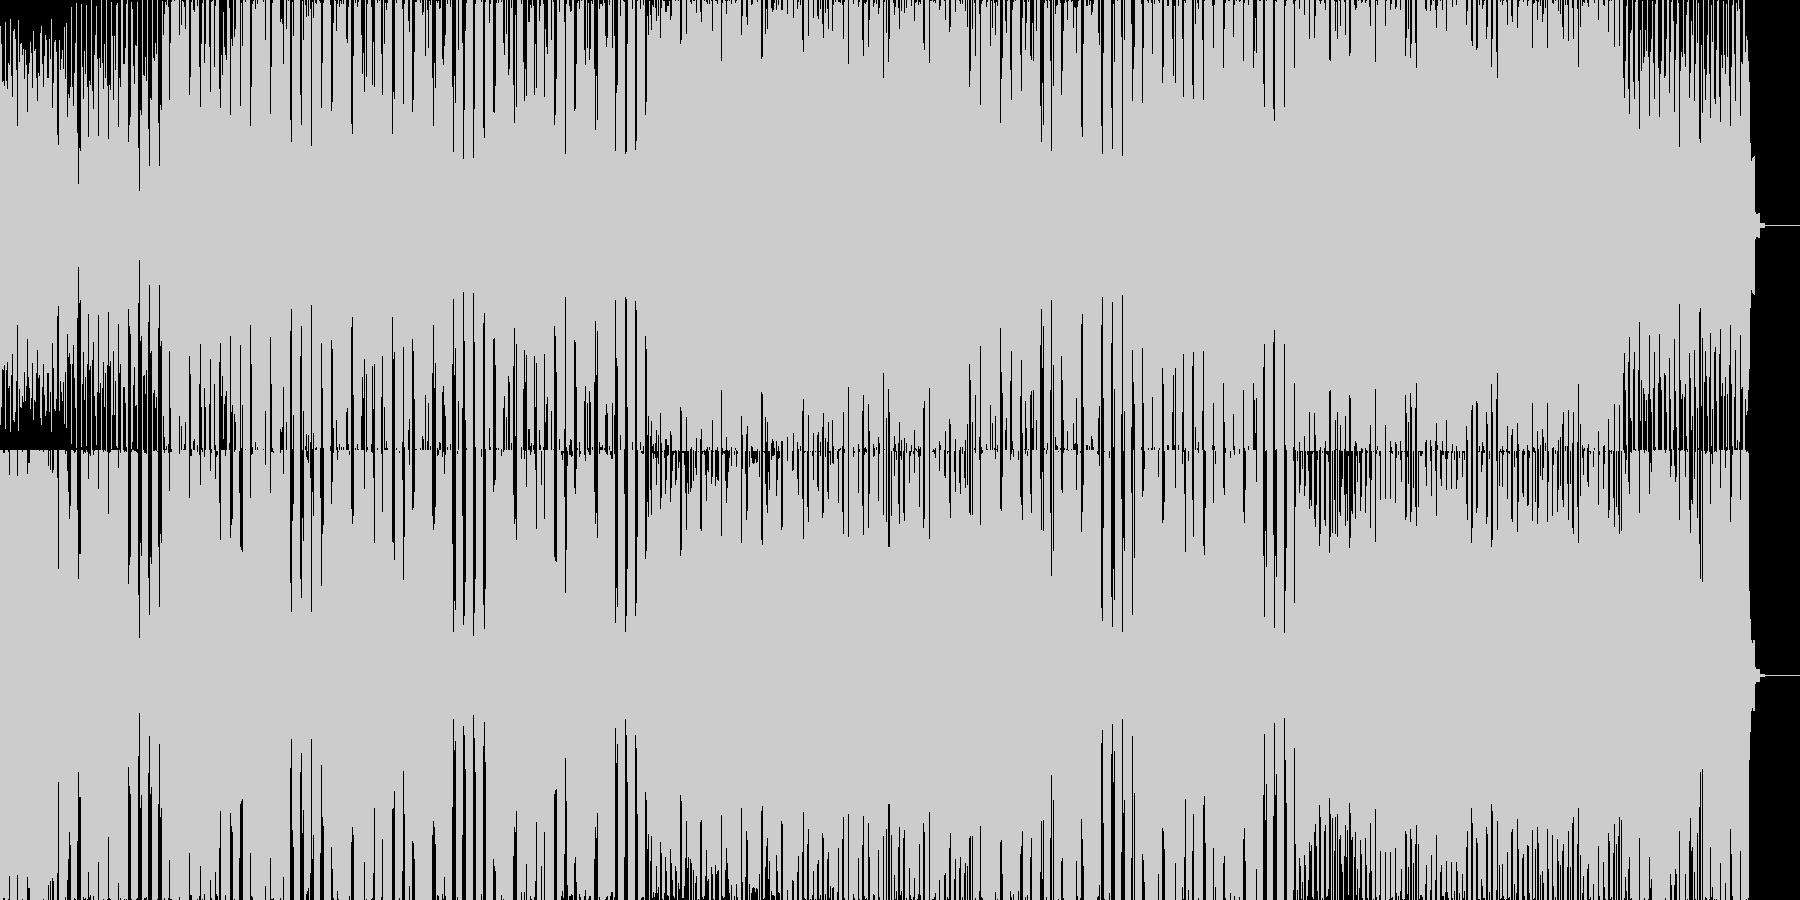 アコギとシンセとクラップ、軽快なリズムの未再生の波形